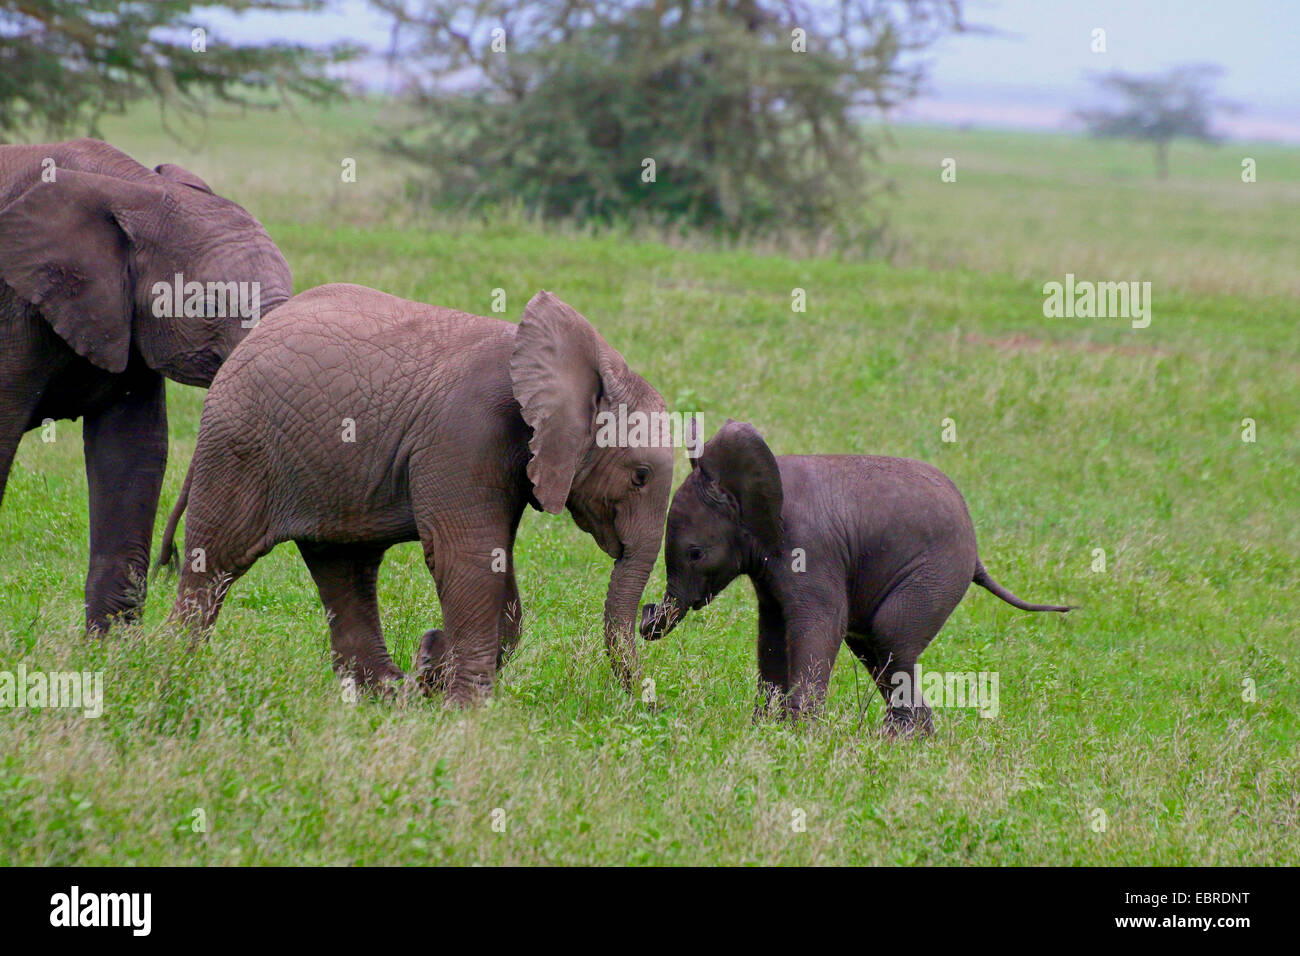 African elephant (Loxodonta africana), playing infants, Tanzania, Serengeti National Park - Stock Image